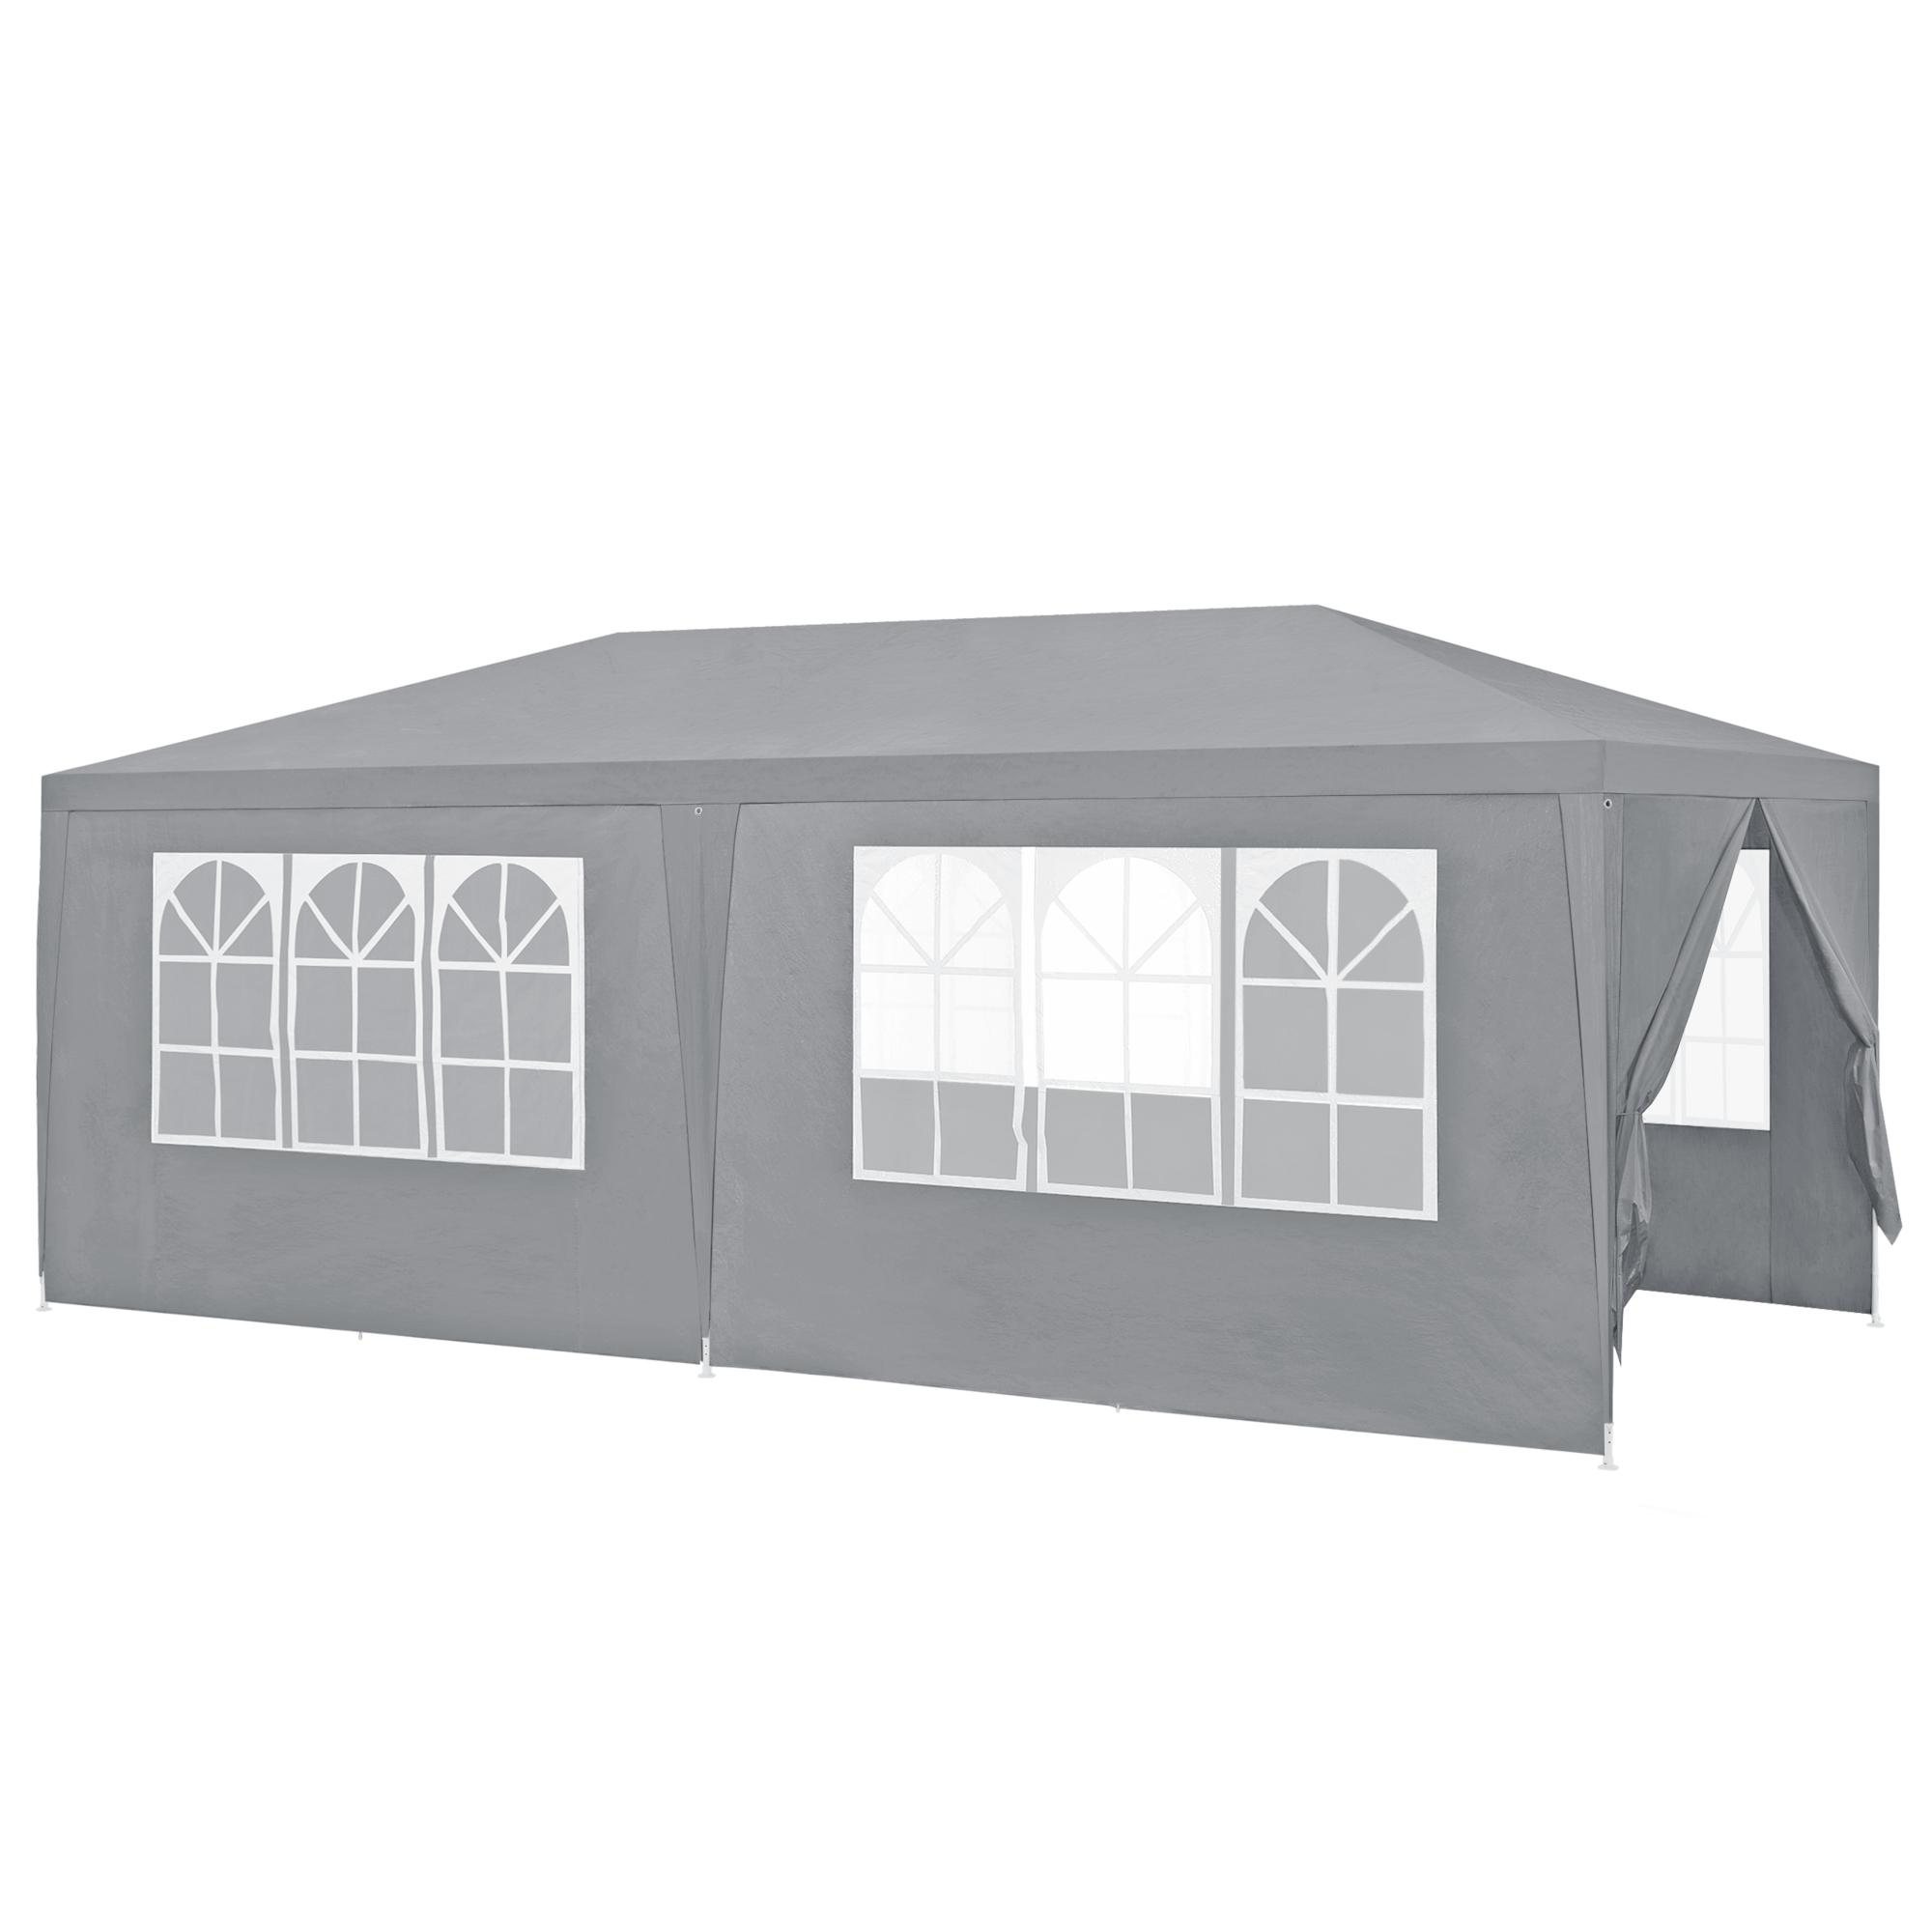 [casa.pro]® Zahradní altán AAGP-9607